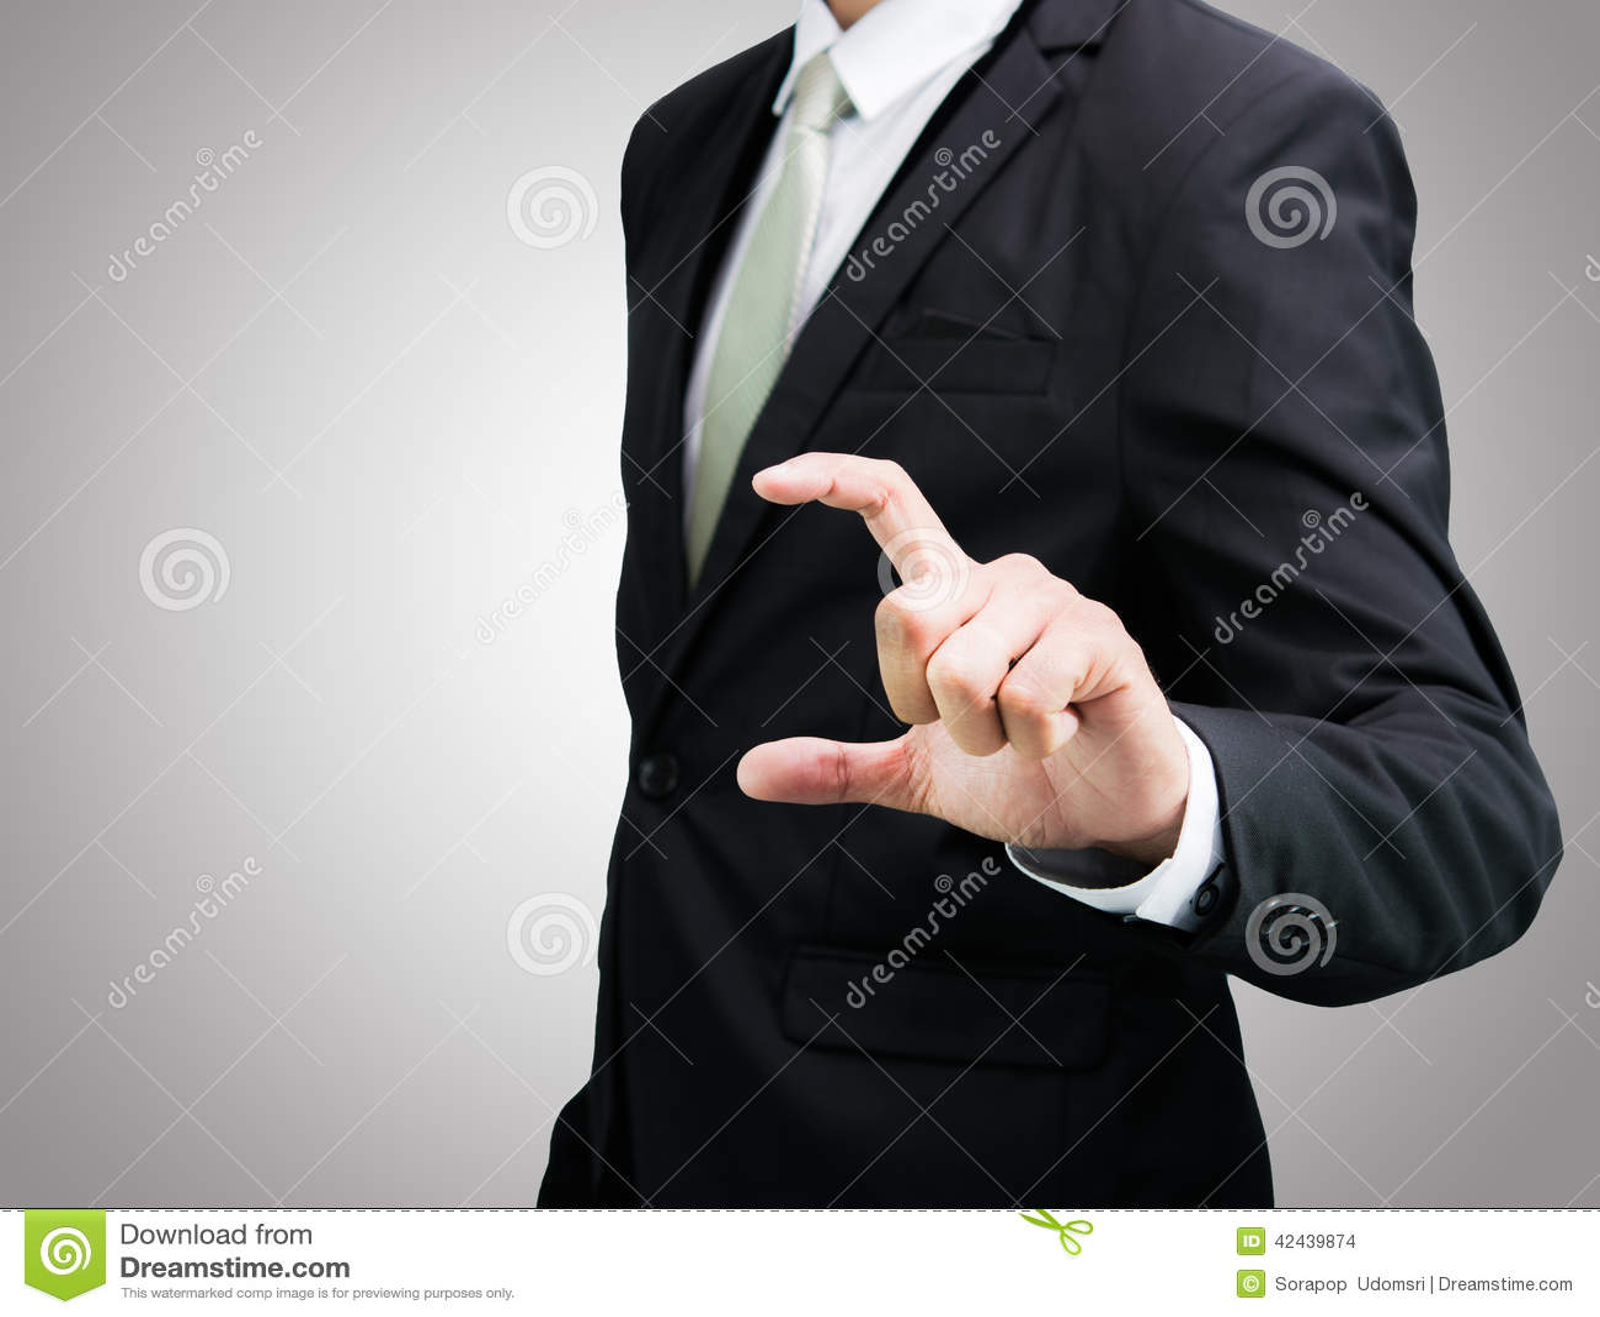 Mano derecha de la demostración de la postura del hombre de negocios aislada